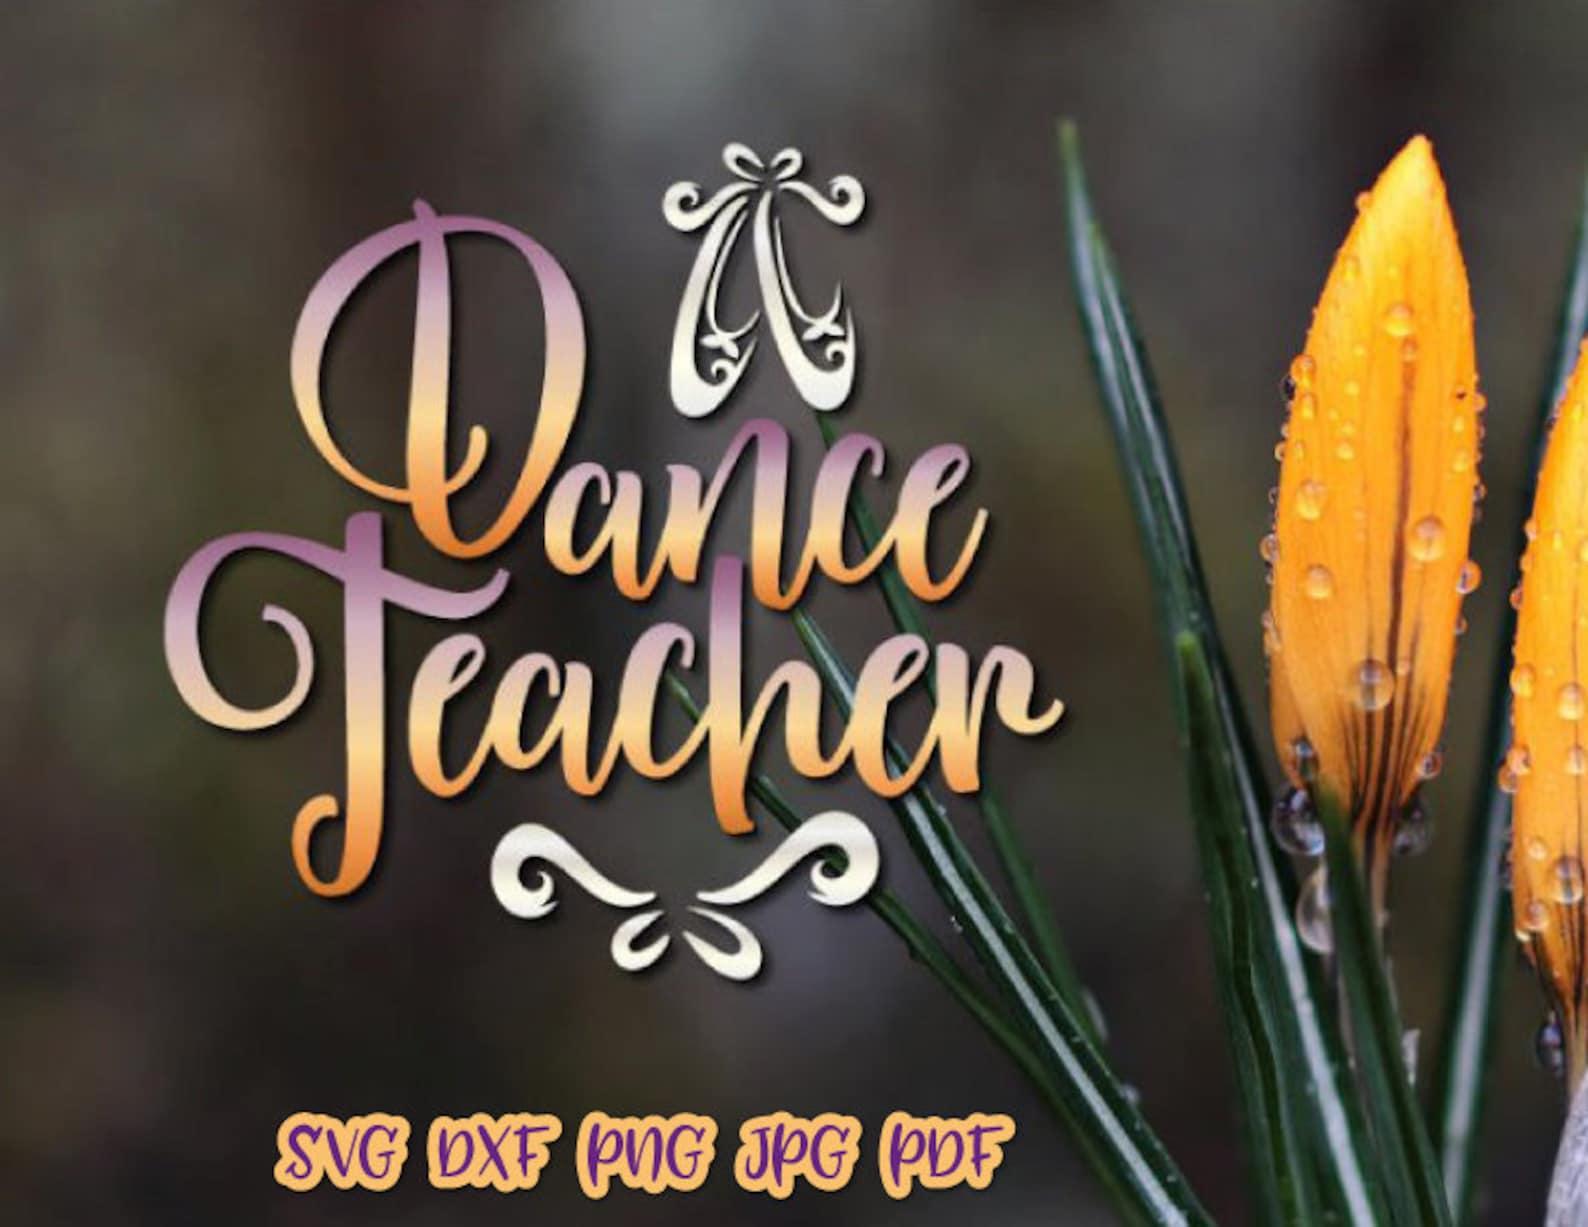 dance svg files for cricut dance teacher svg ballet slippers dancer sign pointe shoe flat ballerina word recital outfit print si